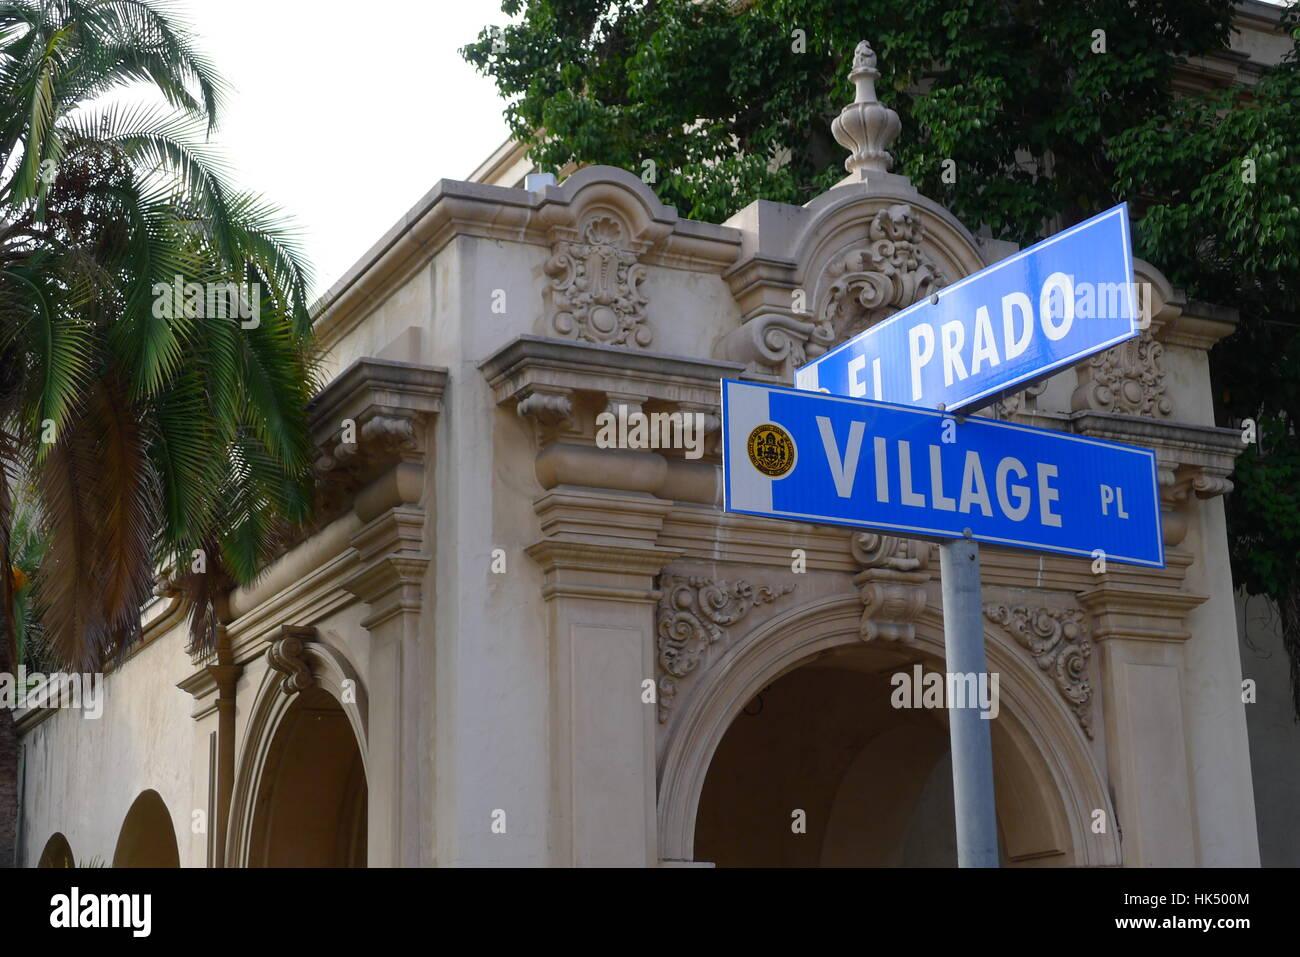 Corner of El Prado and Village Pl in San Diego - Stock Image